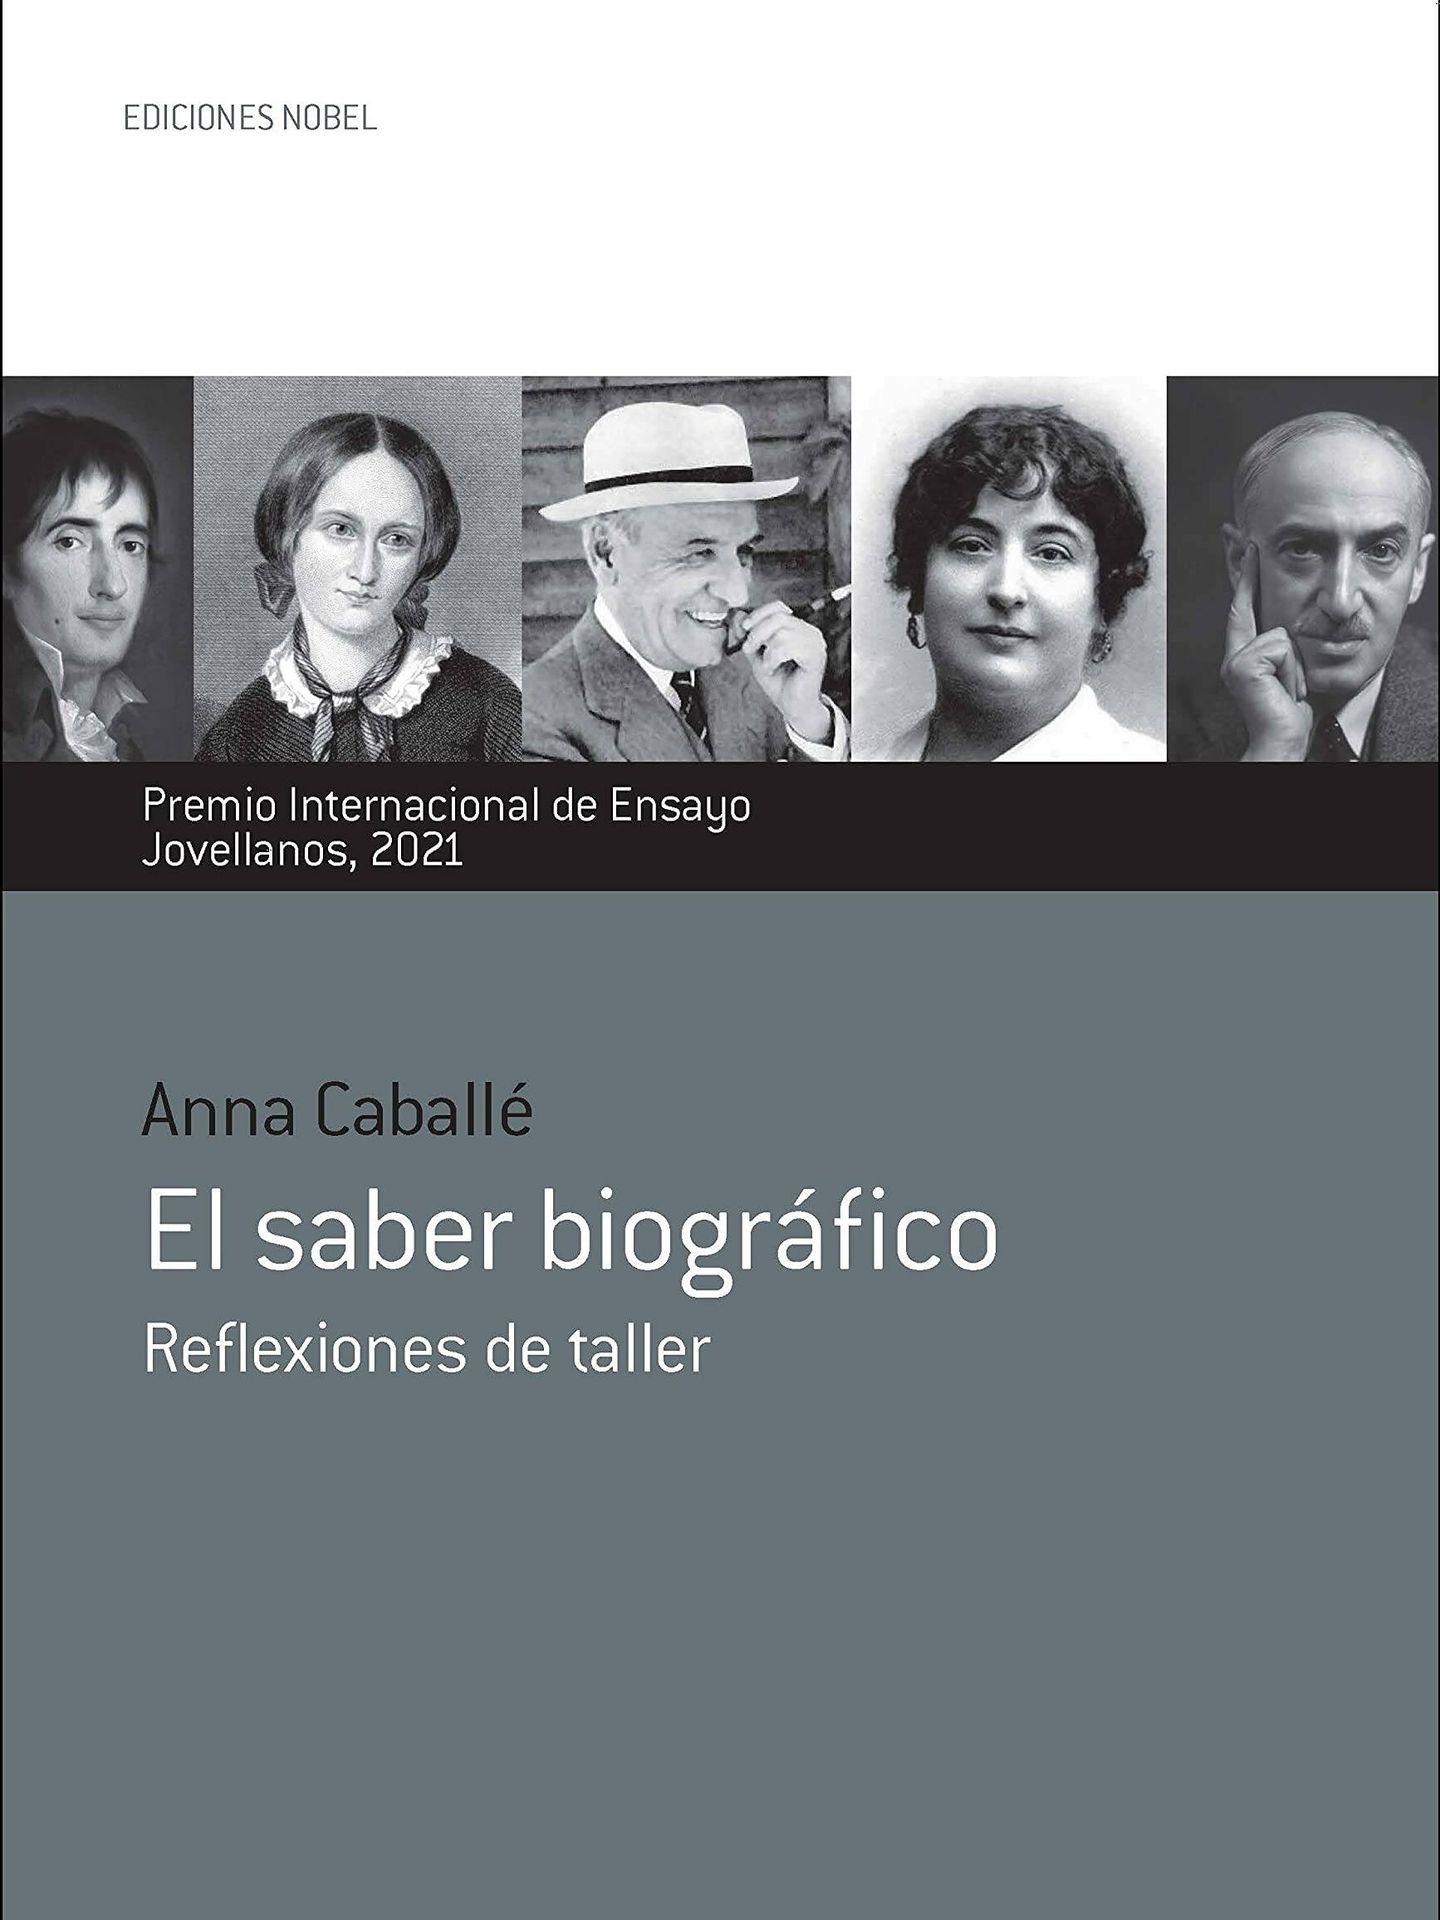 'El saber biográfico'.